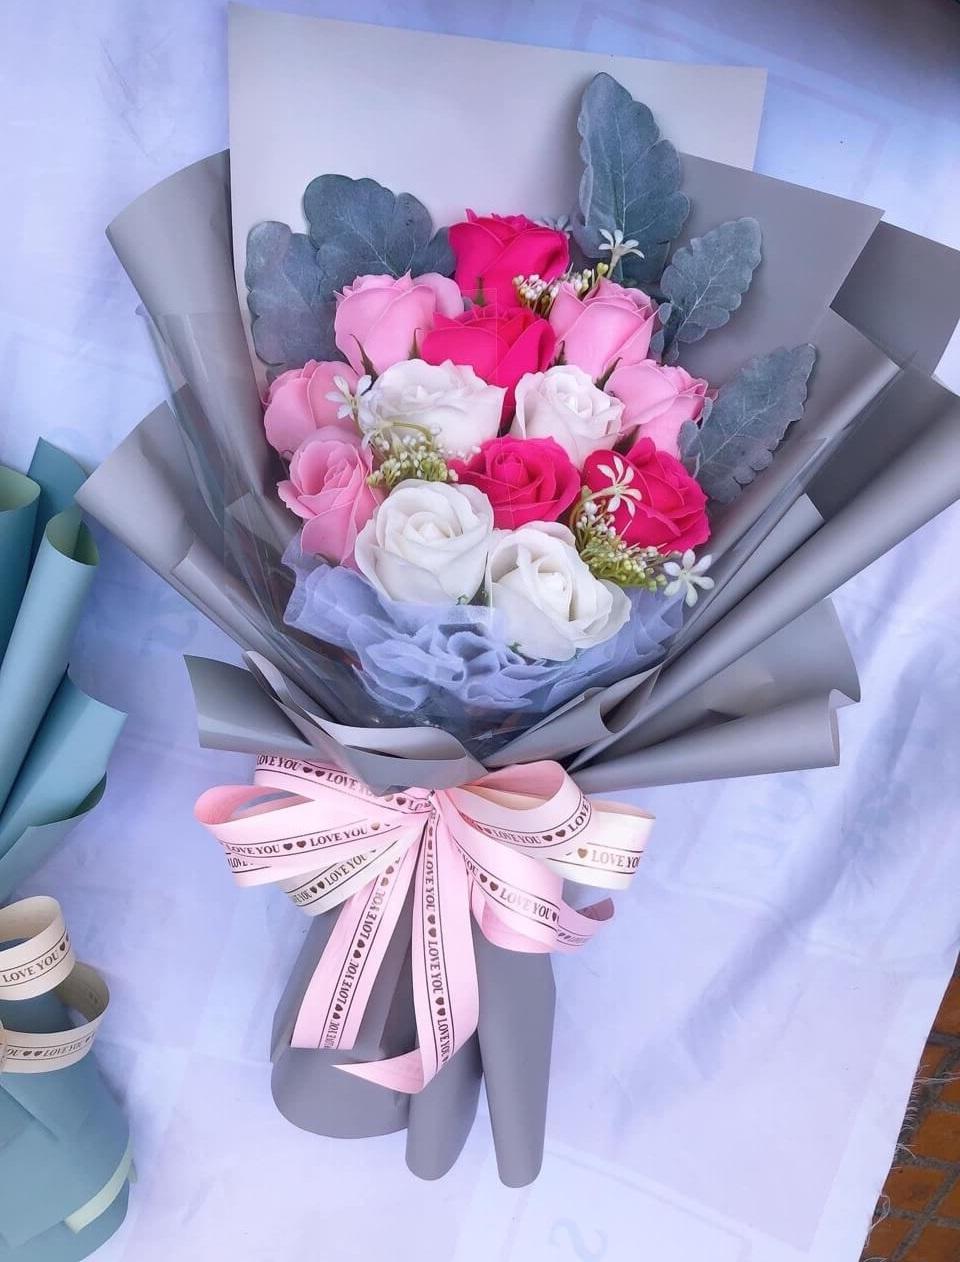 Bó hoa hồng 13 bông nhiều màu